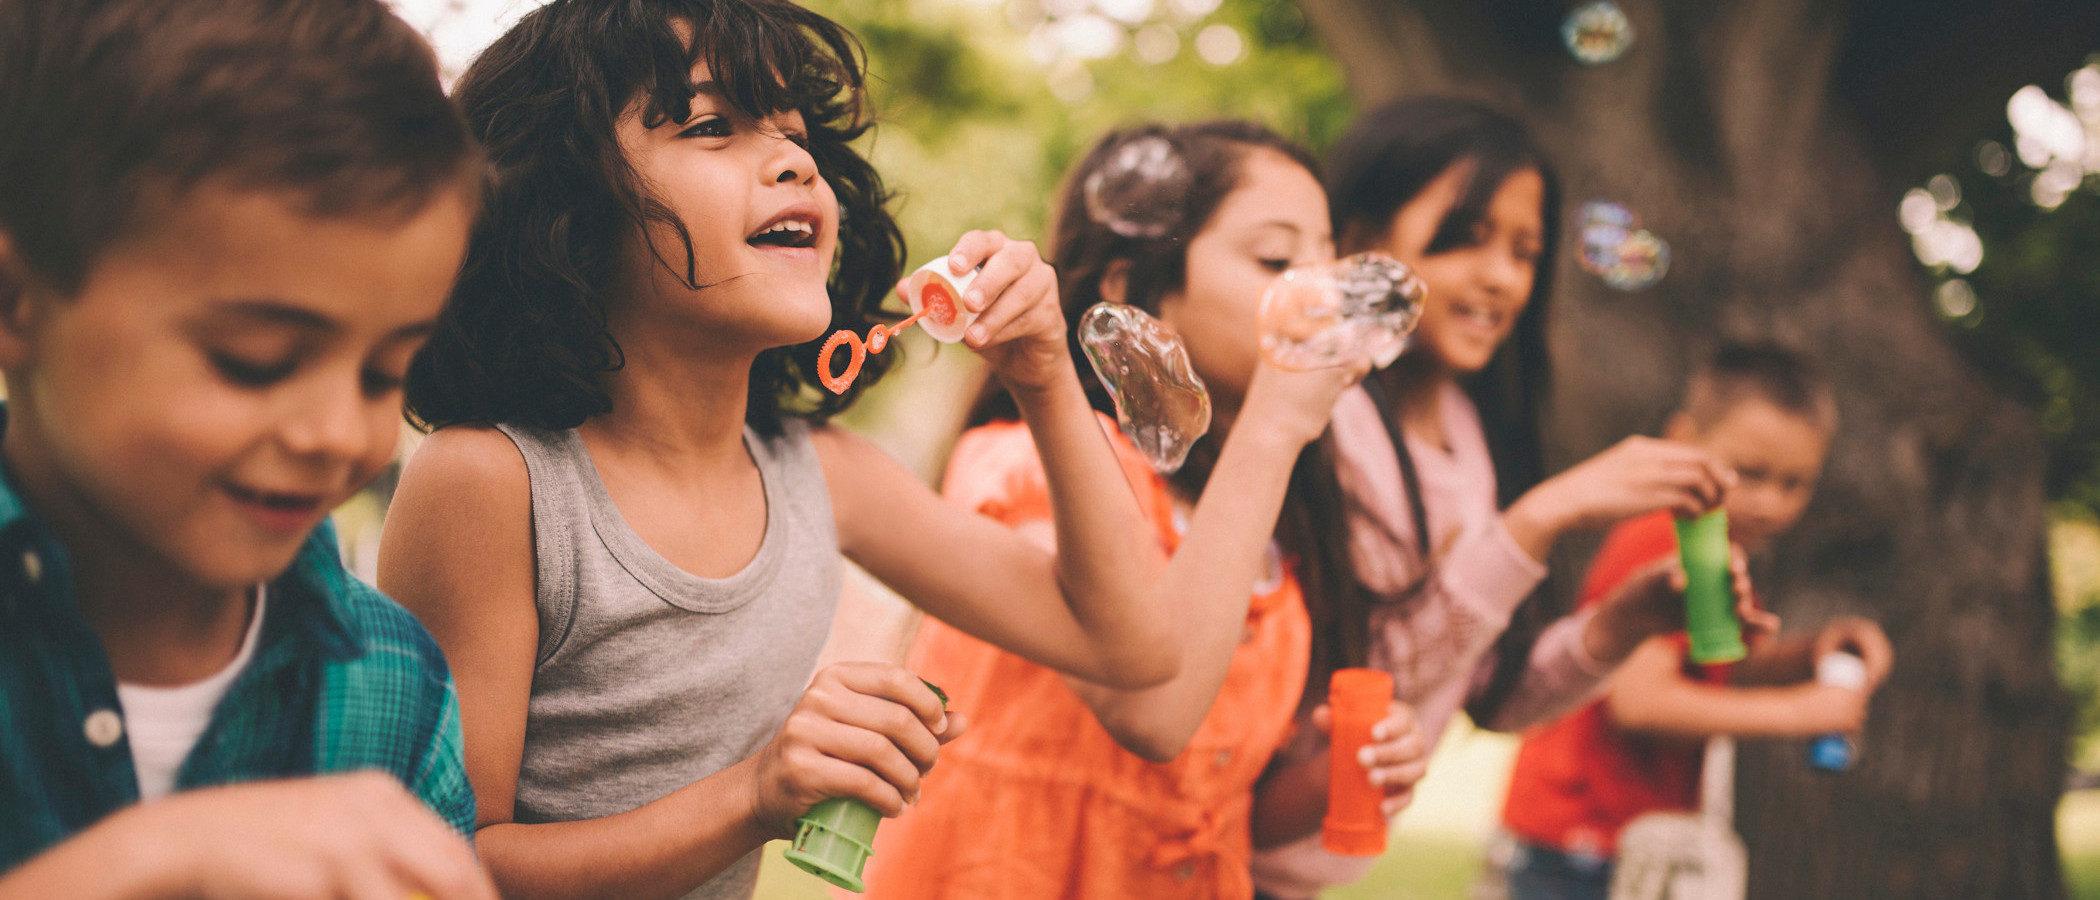 Actividades lúdicas en verano para bebés, niños y adolescentes